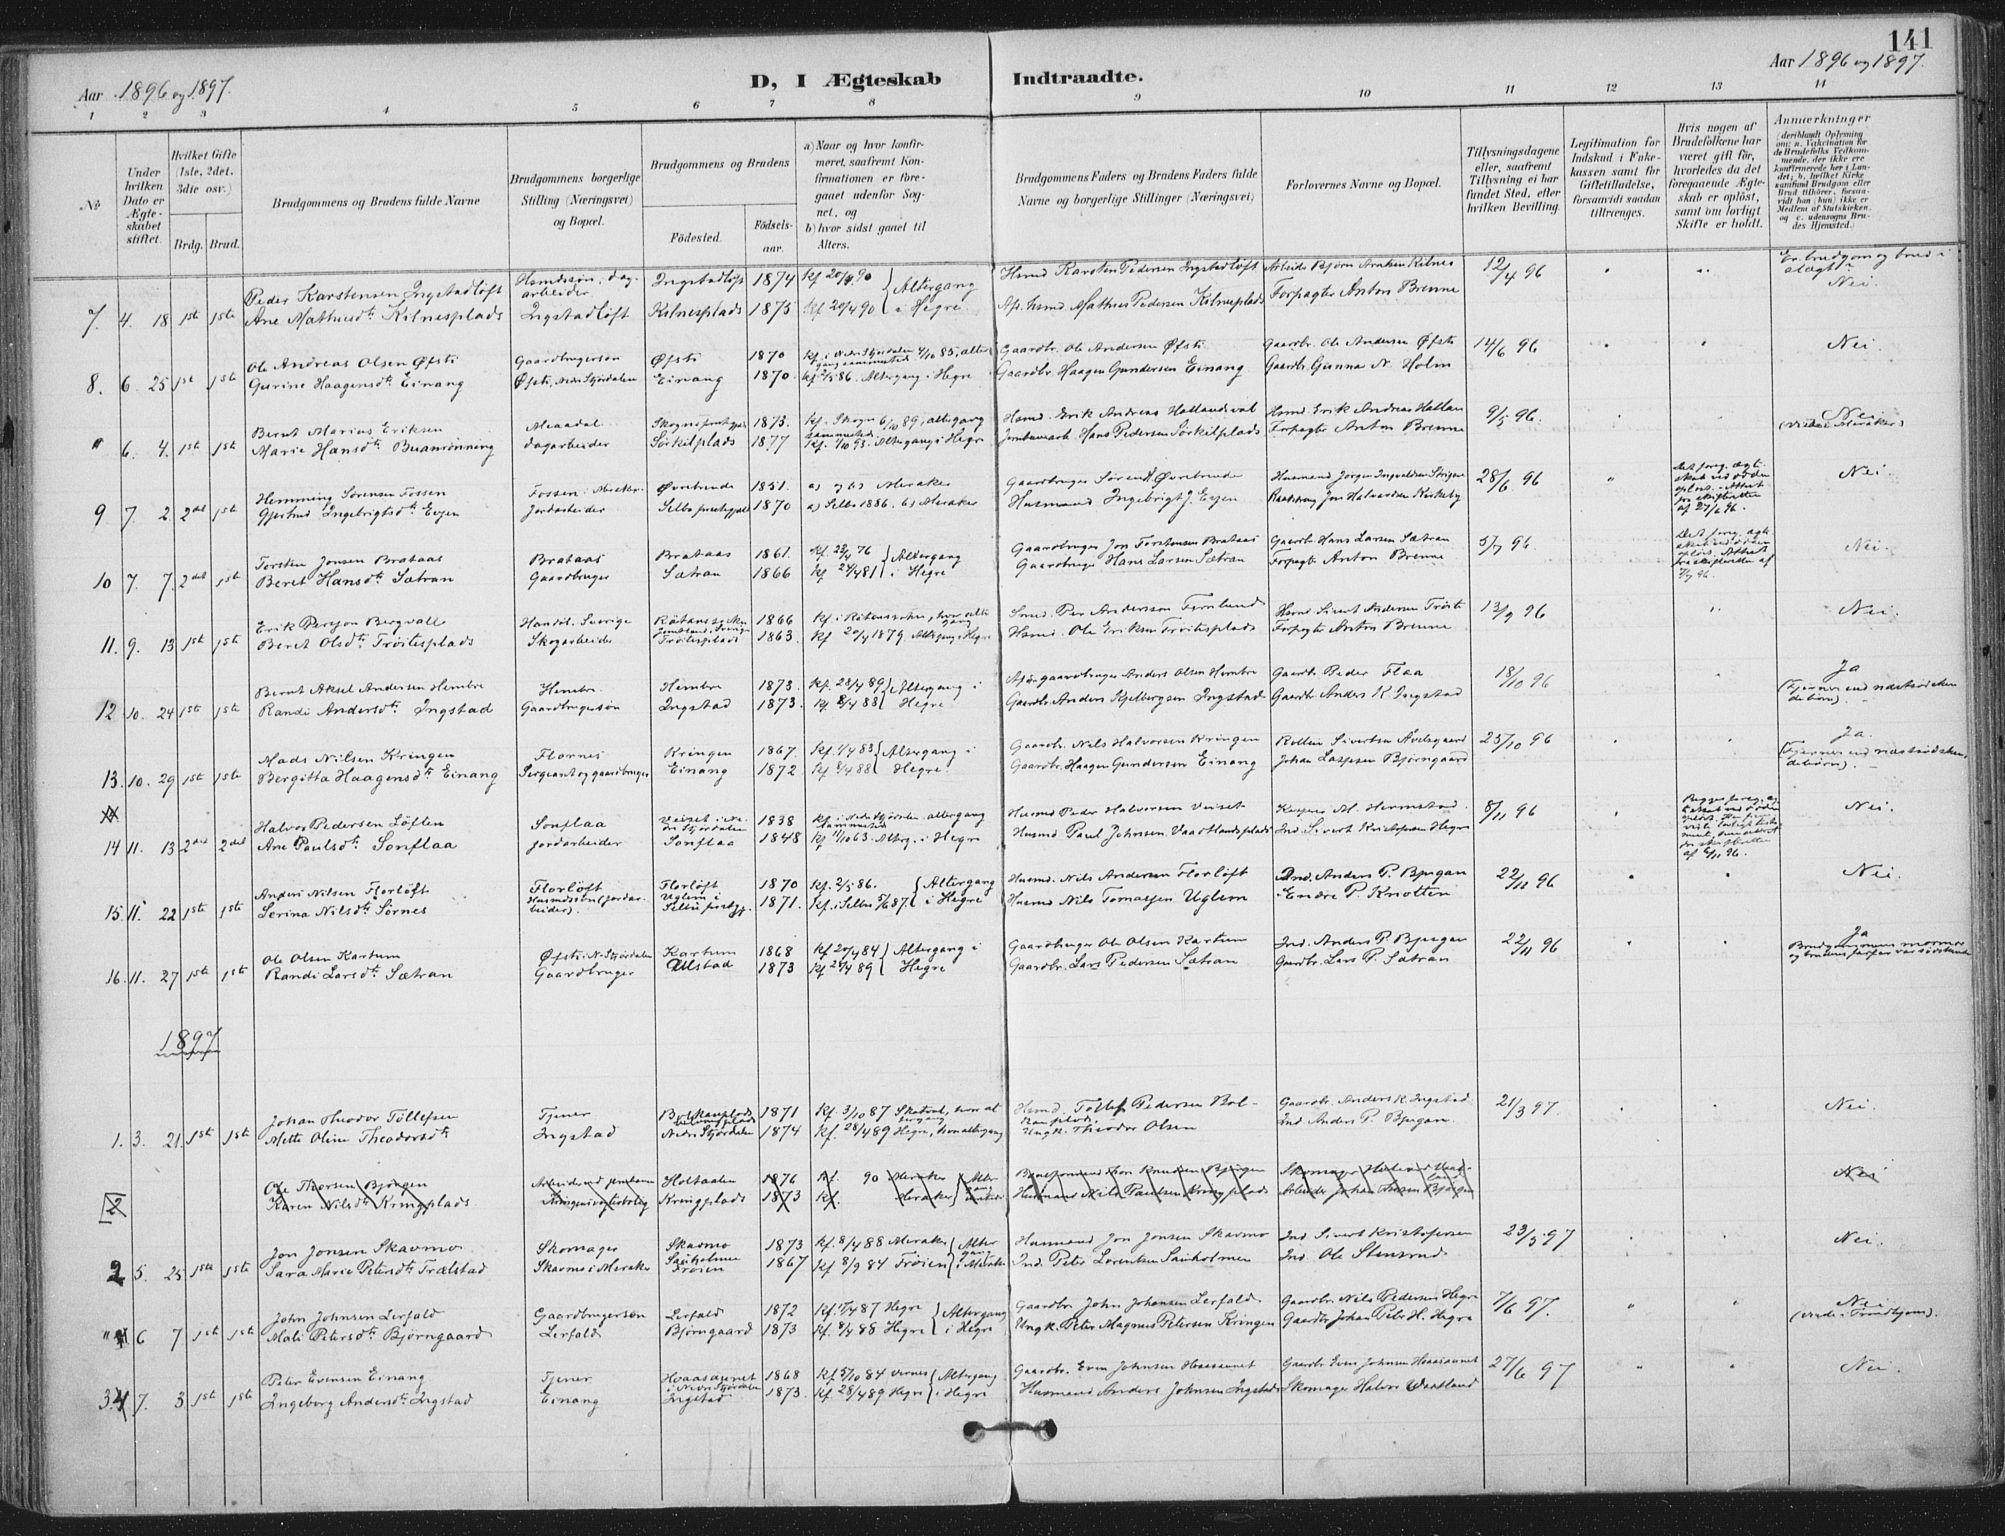 SAT, Ministerialprotokoller, klokkerbøker og fødselsregistre - Nord-Trøndelag, 703/L0031: Ministerialbok nr. 703A04, 1893-1914, s. 141